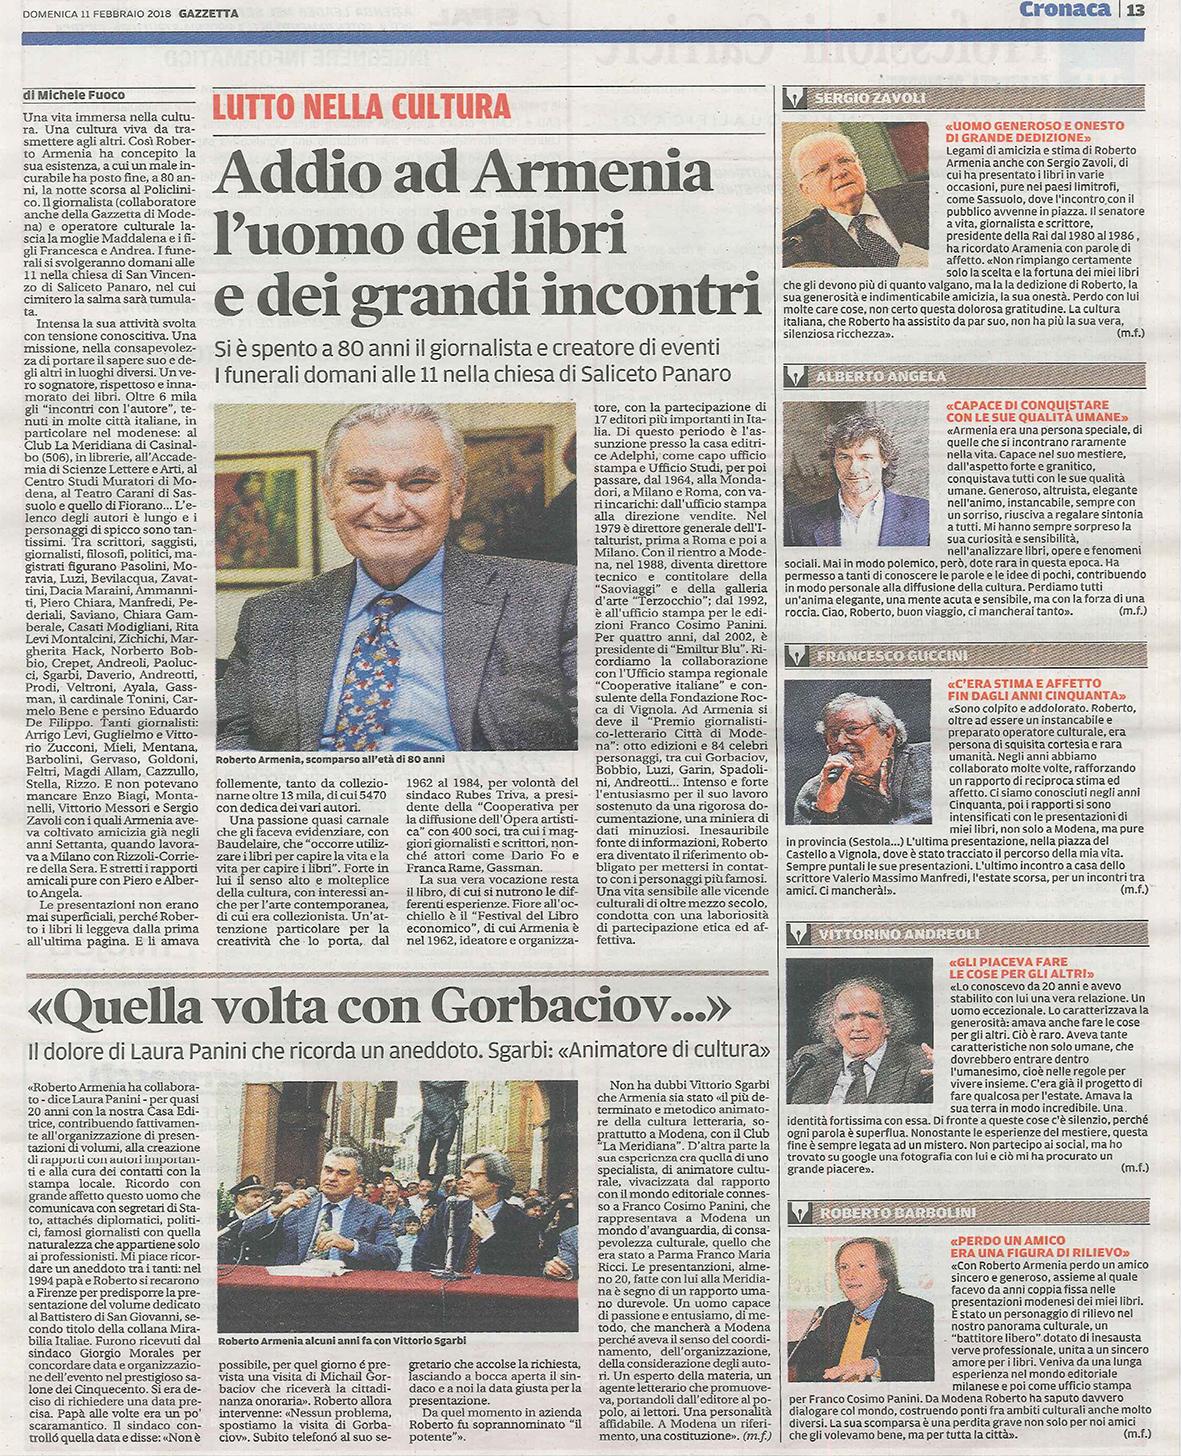 armenia-articolo-gazzetta